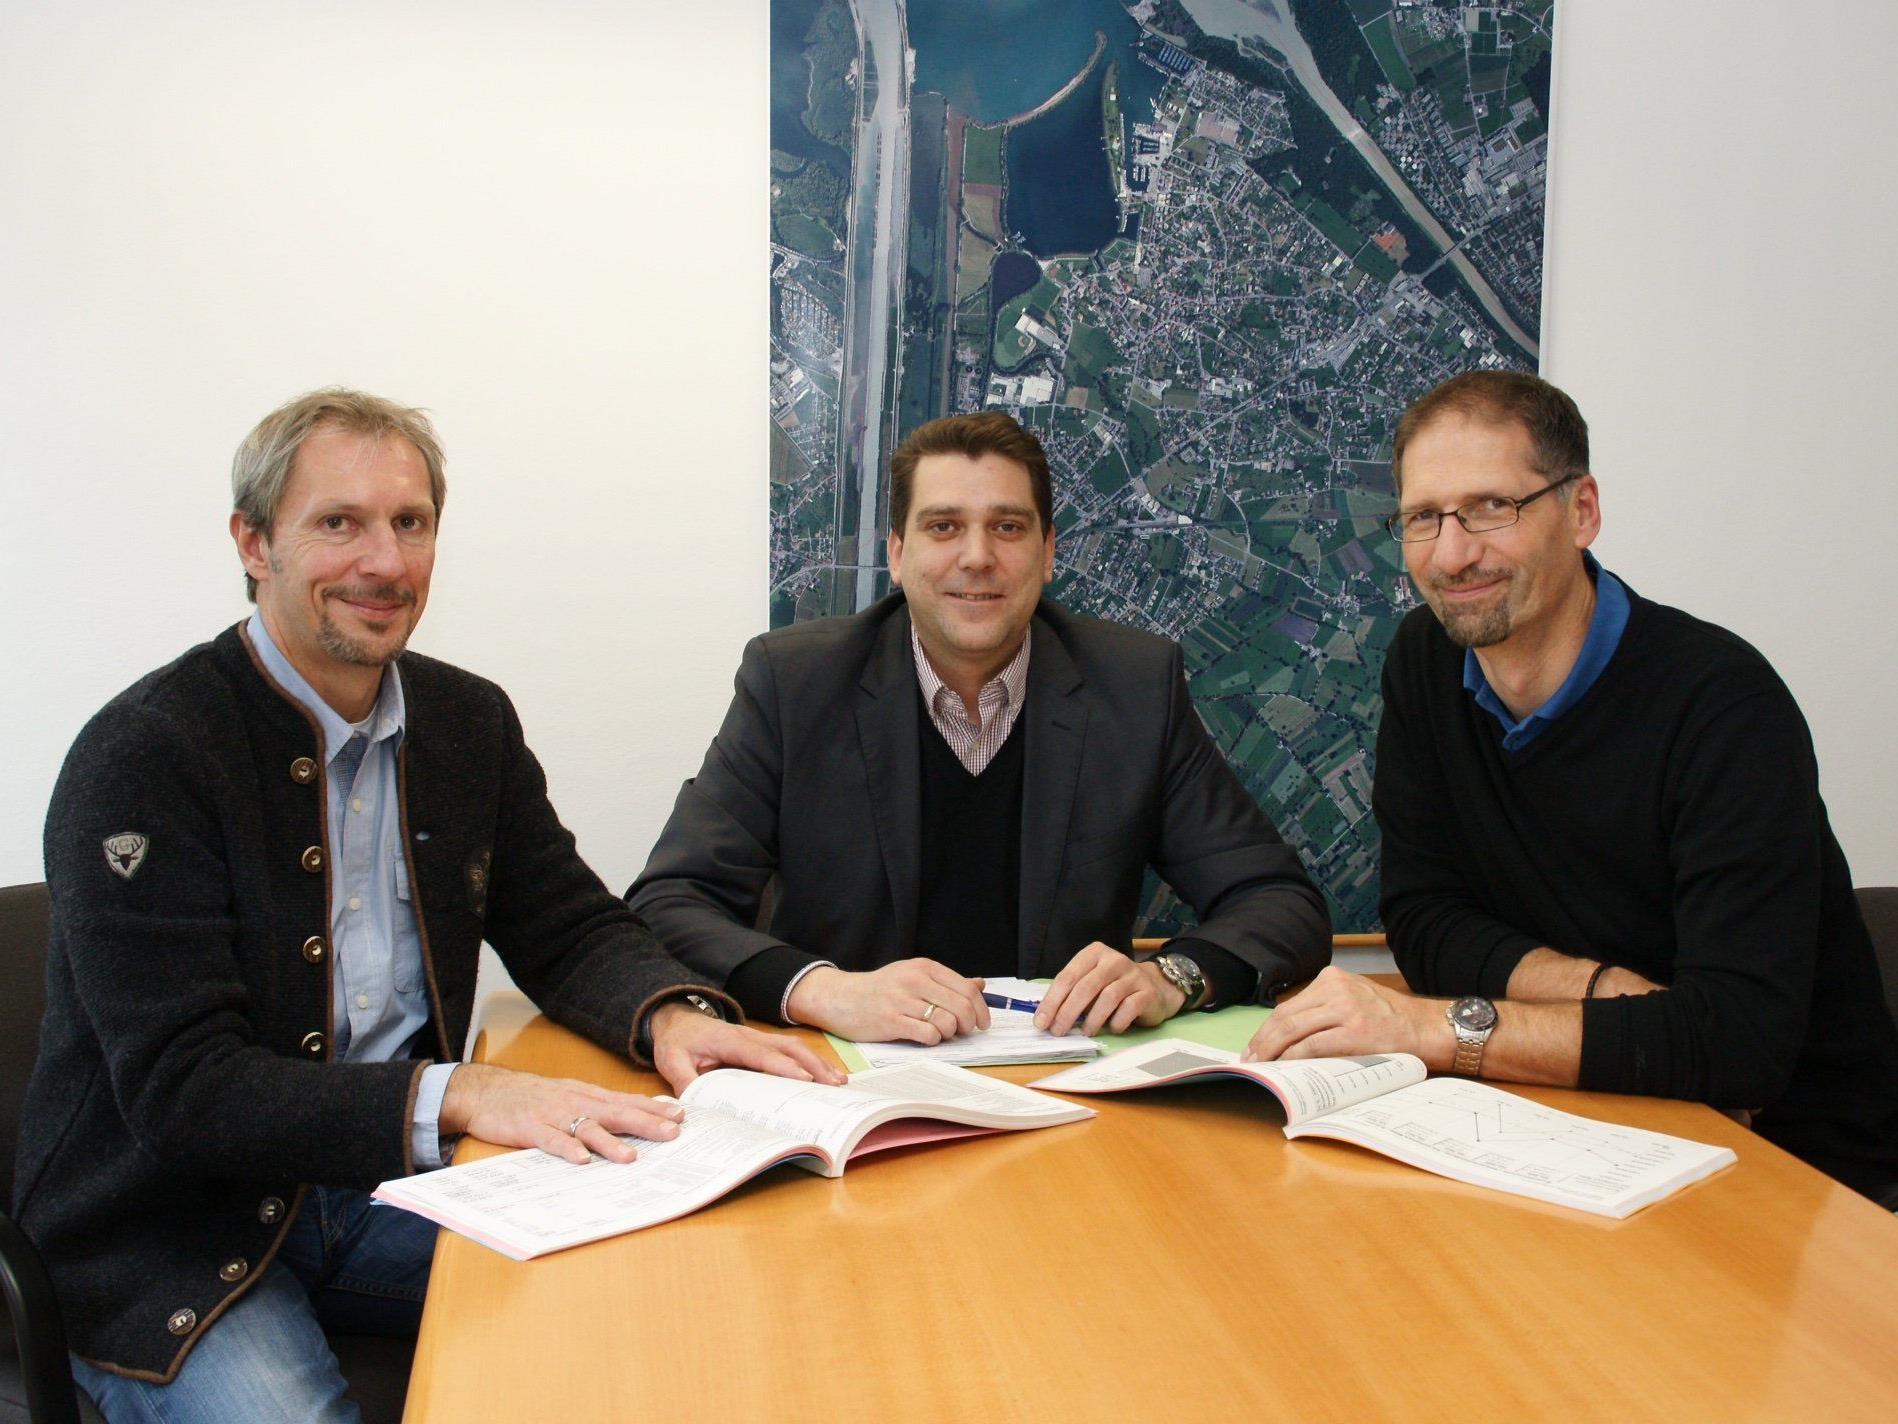 Finanzreferent Franz Bereuter, Bürgermeister Harald Köhlmeier und Finanzleiter Markus Lerchenmüller.